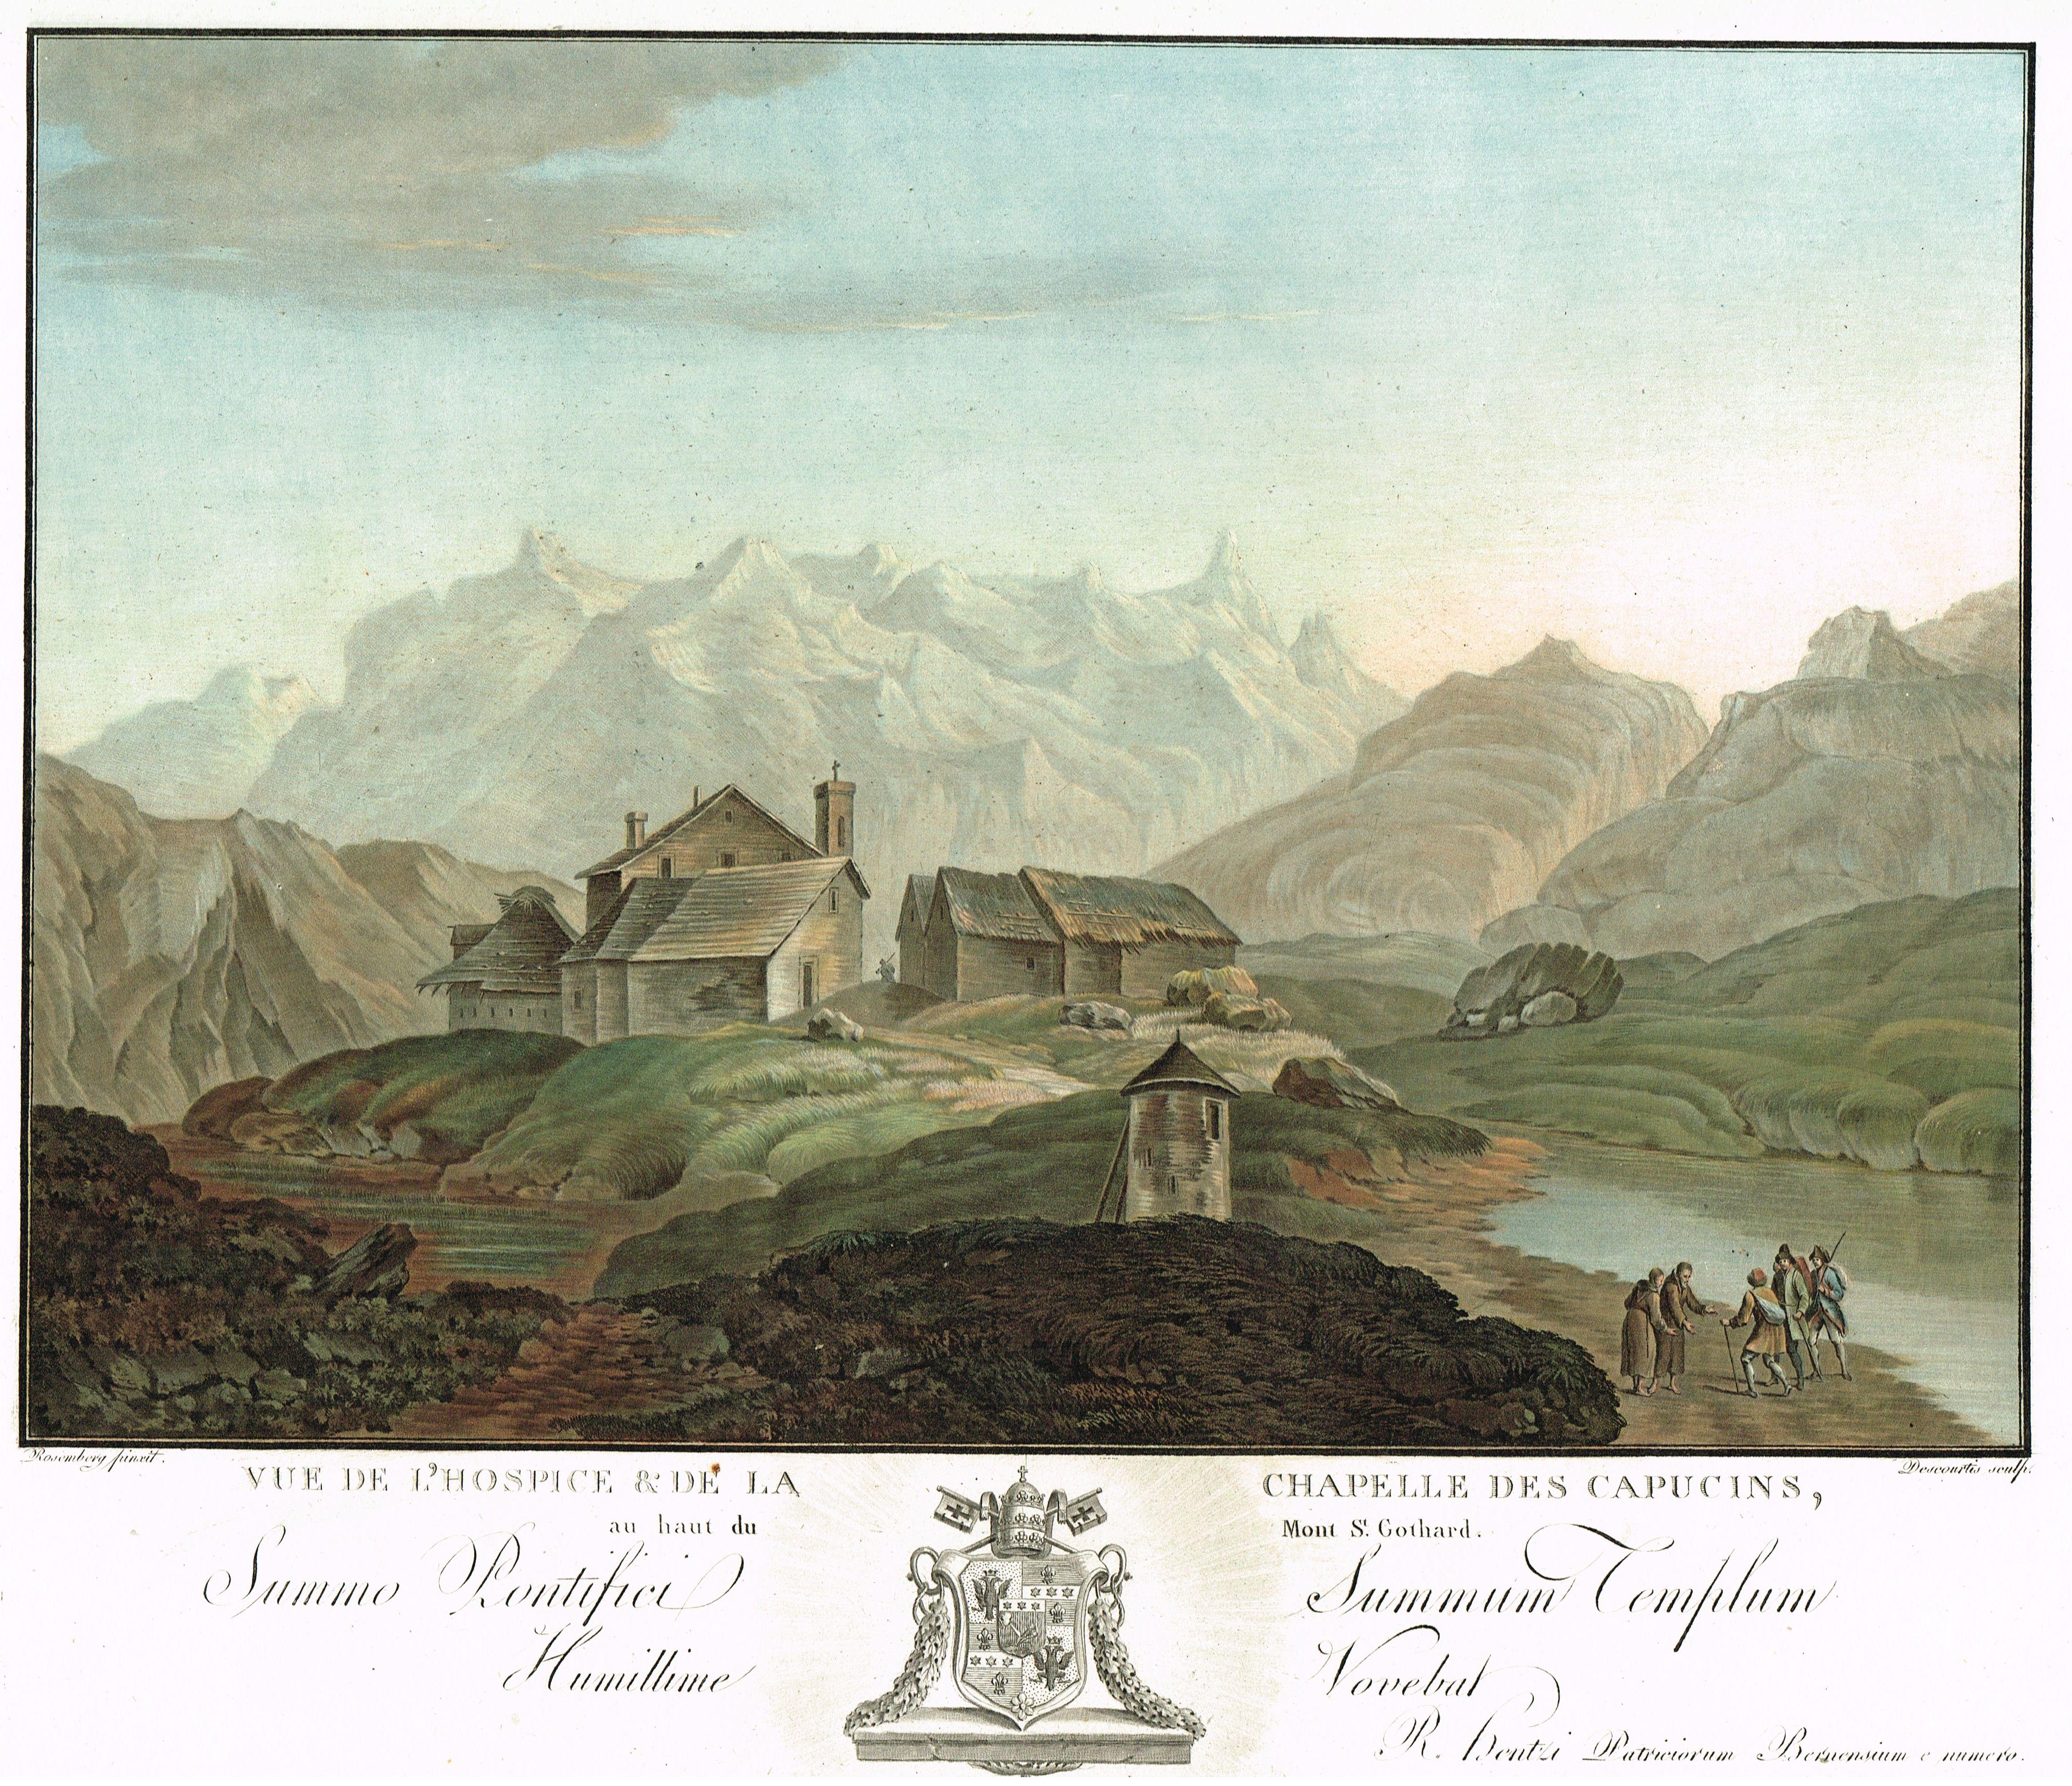 Épinglé sur Vues de Suisse - Switzerland